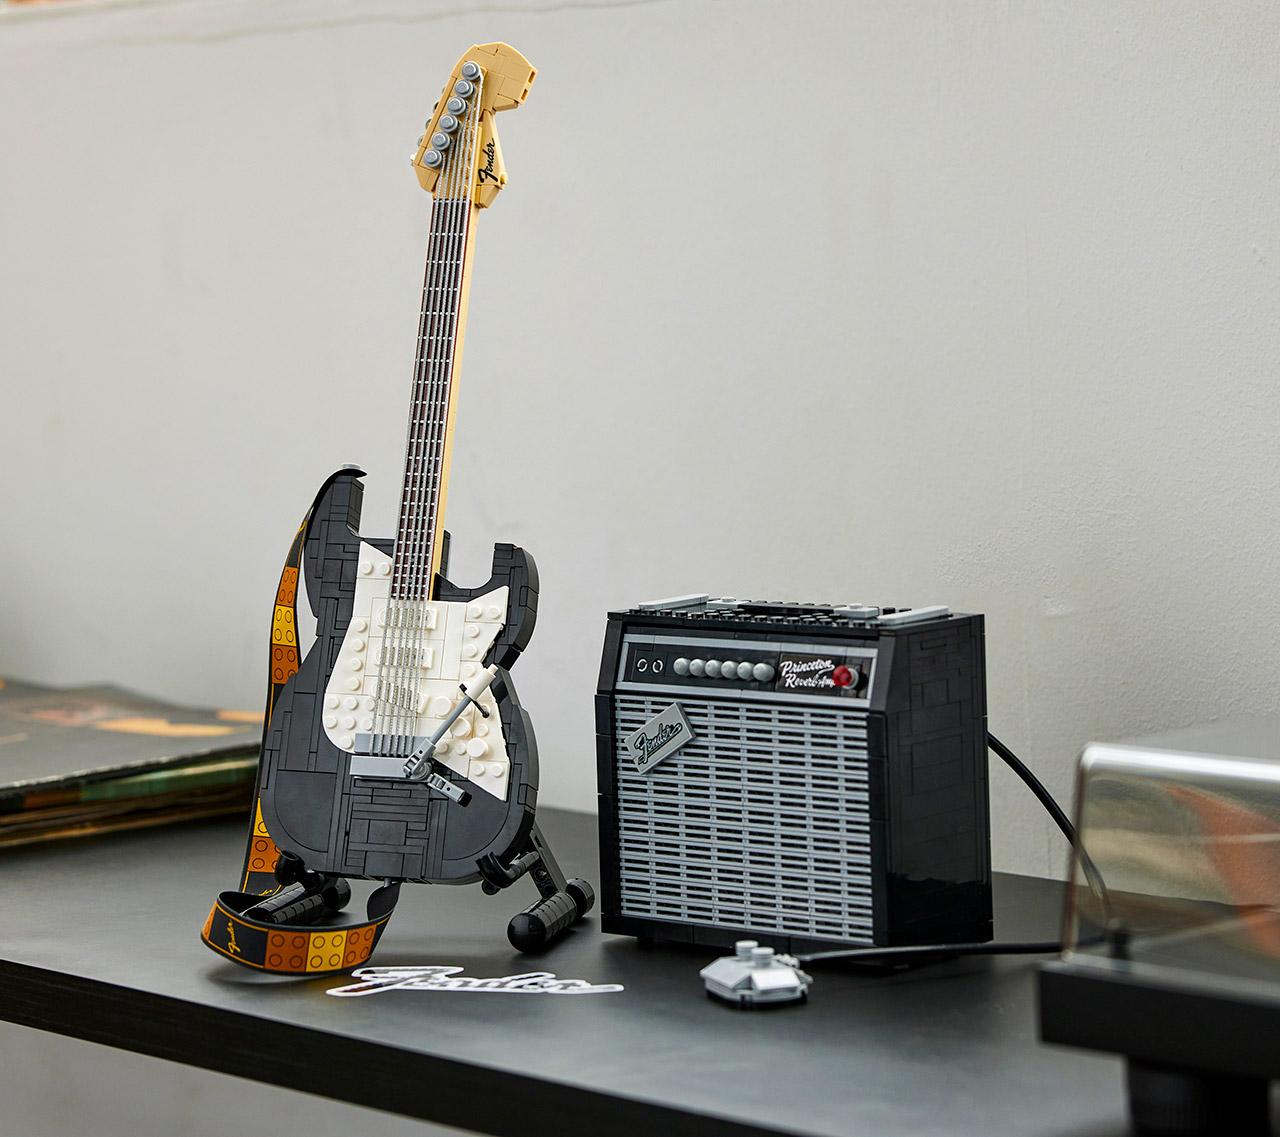 LEGO Ideas 21329 Fender Stratocaster Guitar